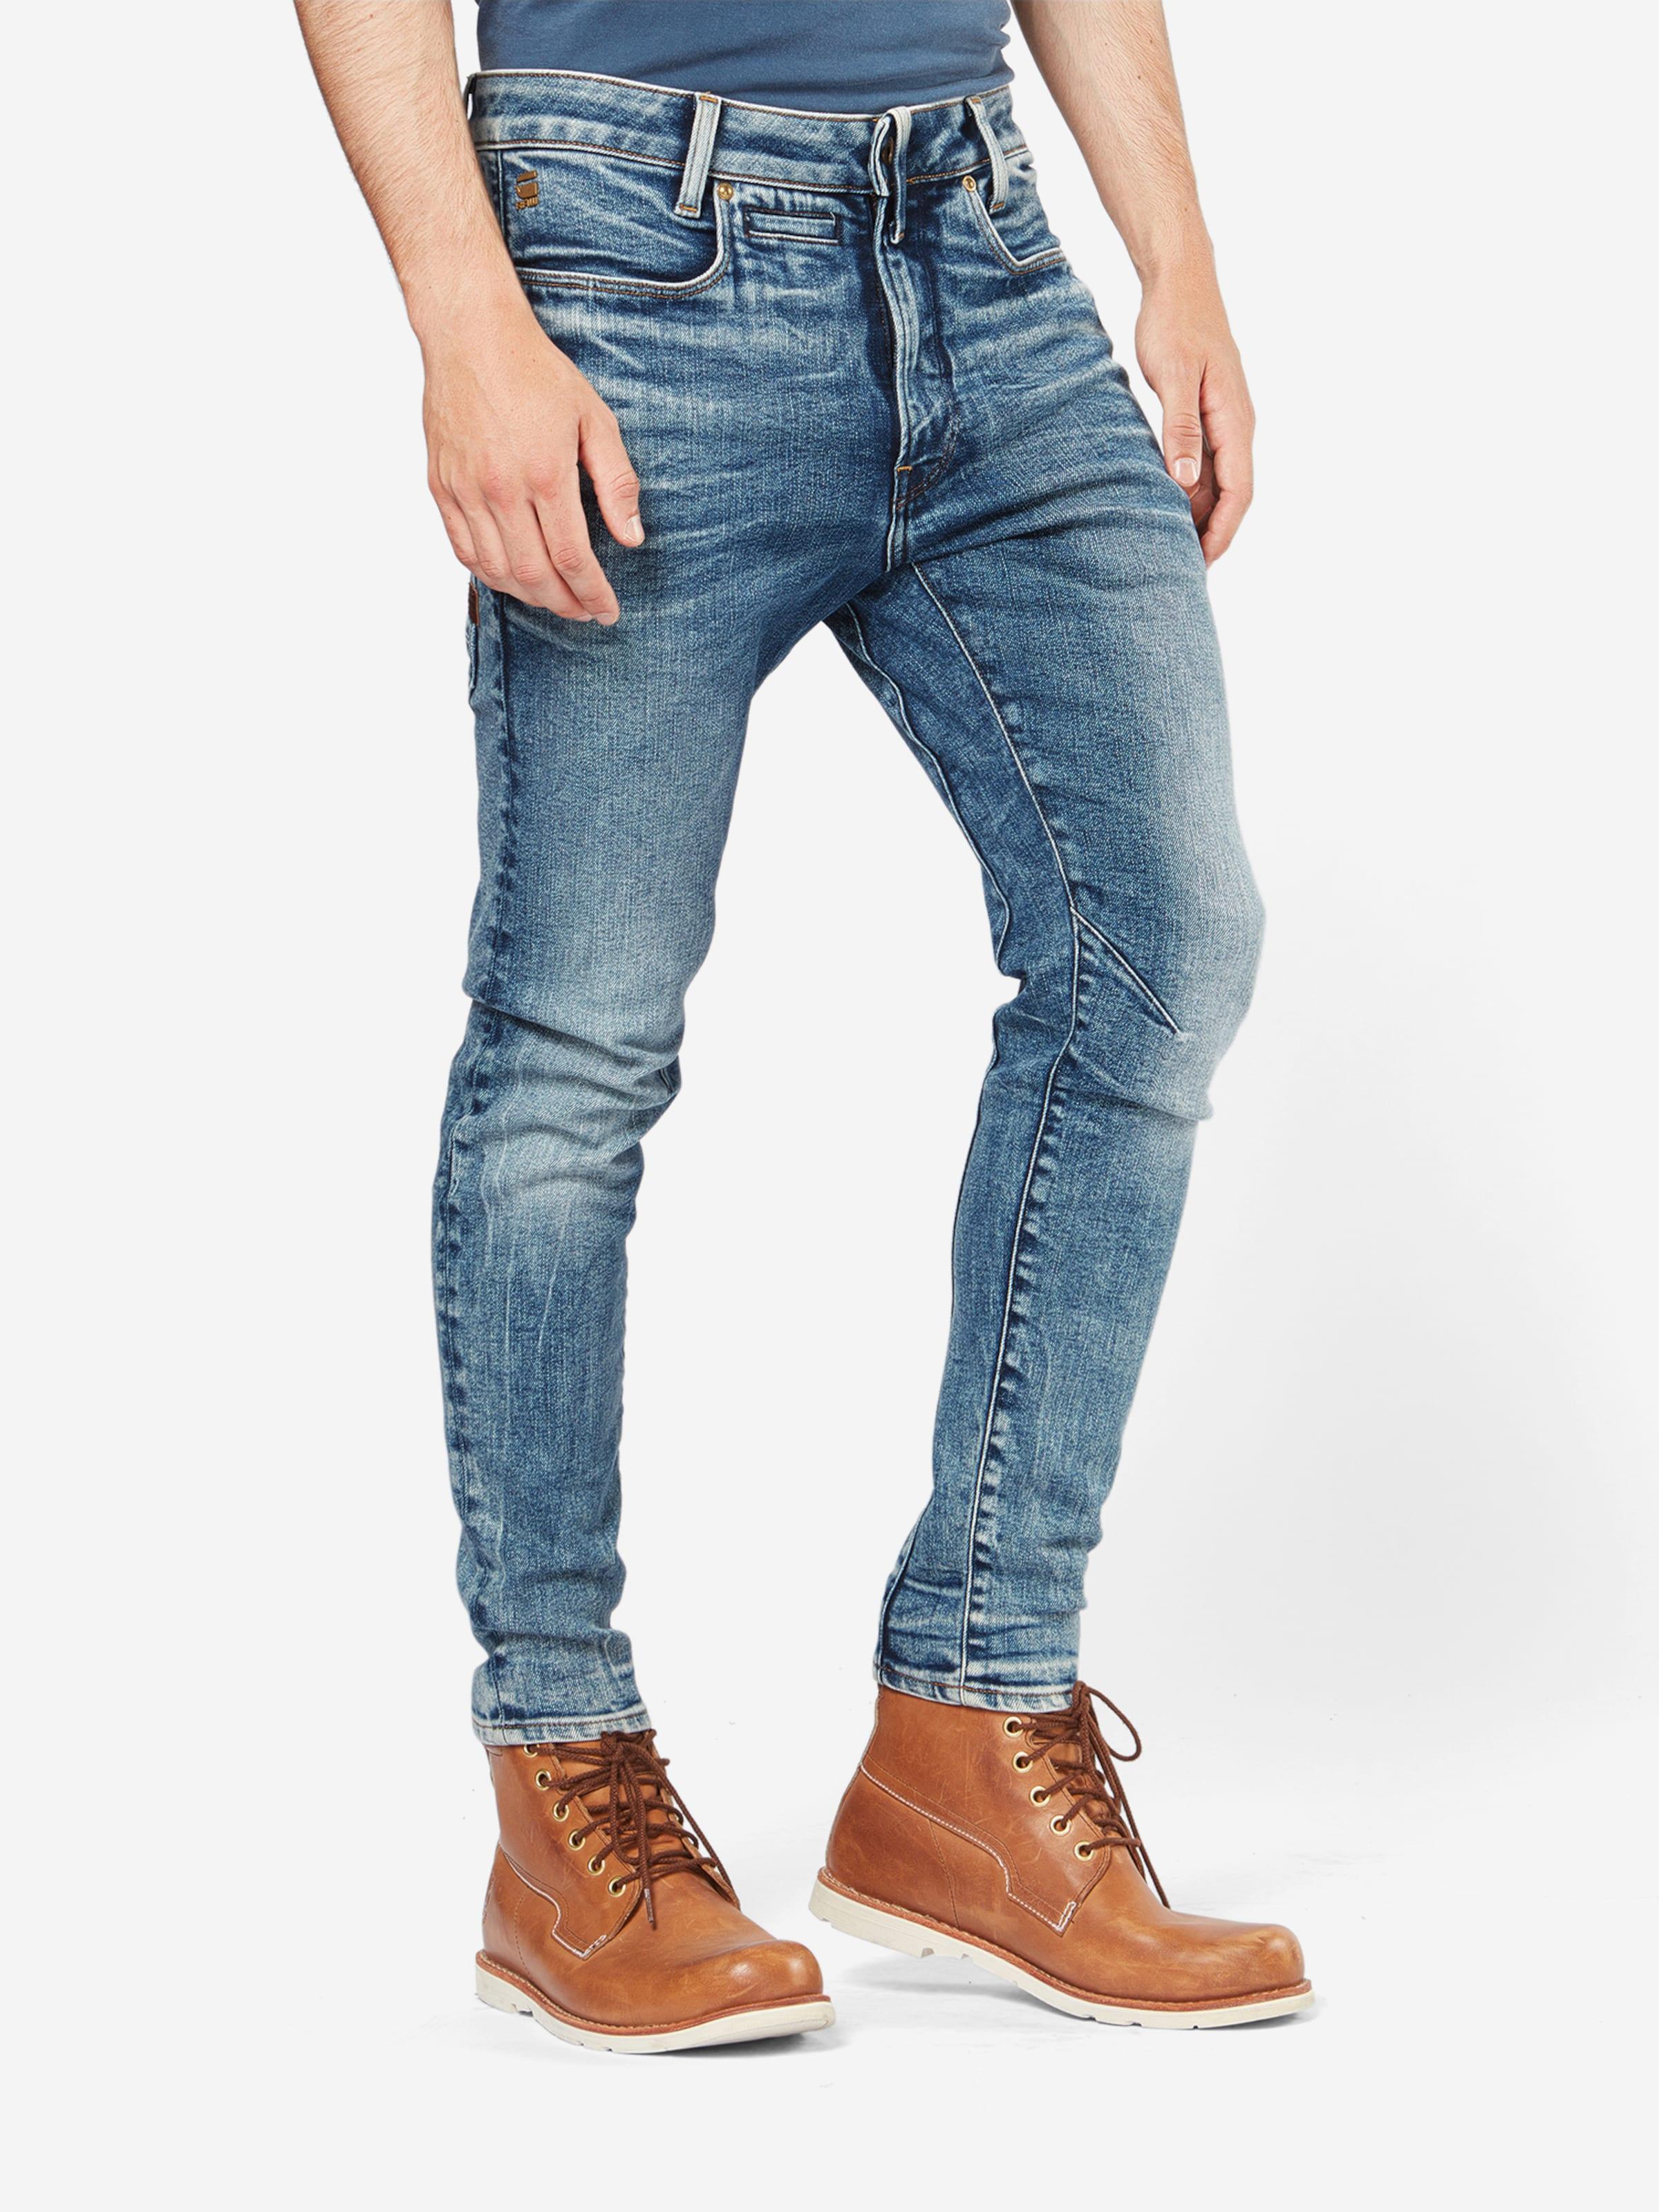 G-STAR RAW 'D-Staq 3D Super Slim jeans' Spielraum Bester Ort cXQHBNL